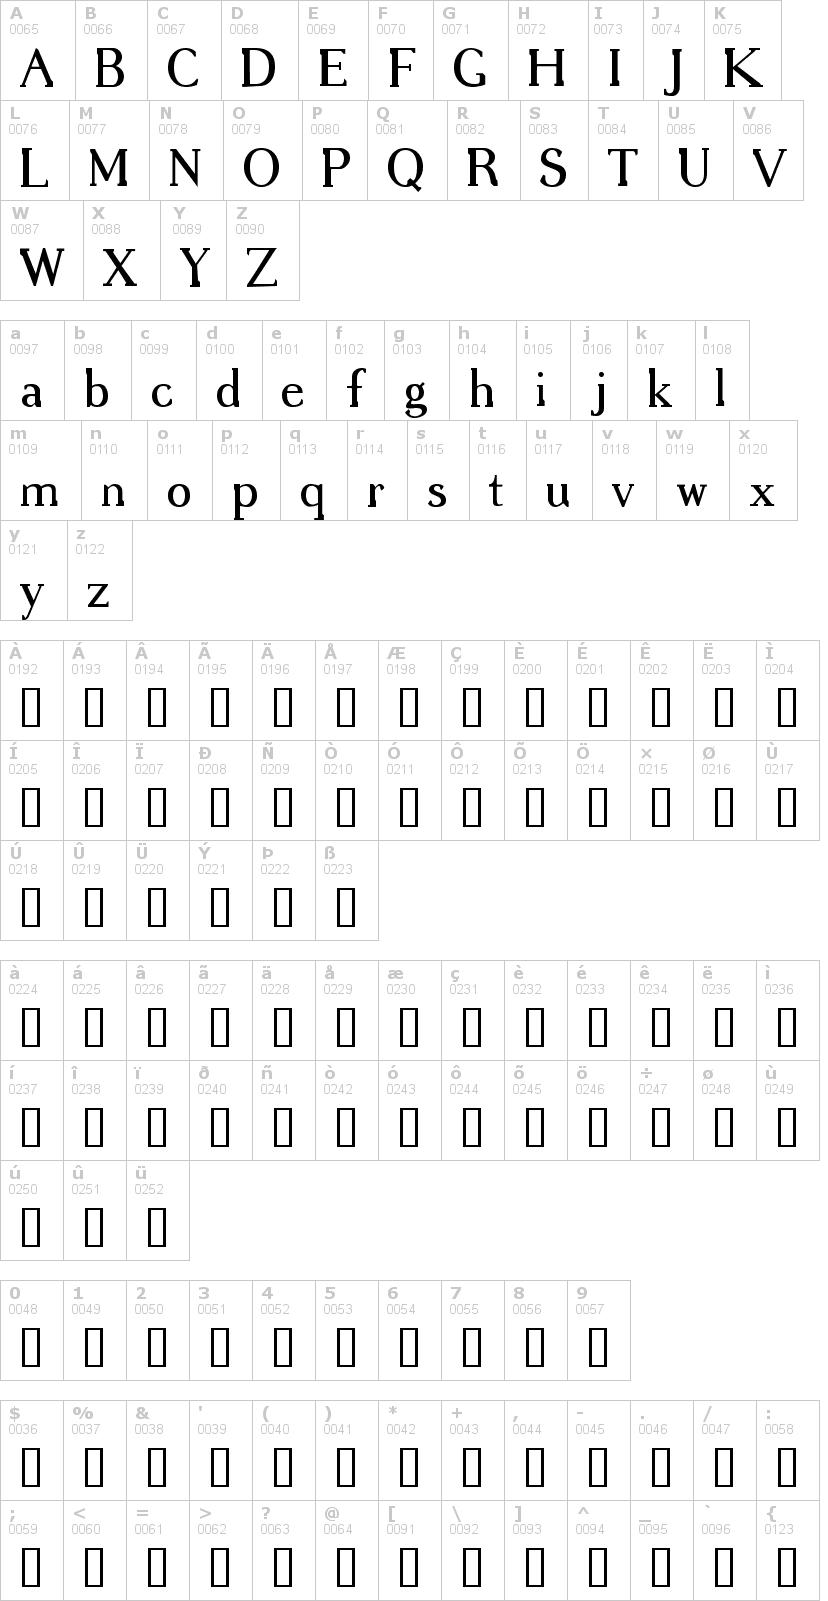 Lettere dell'alfabeto del font gregoire con le quali è possibile realizzare adesivi prespaziati